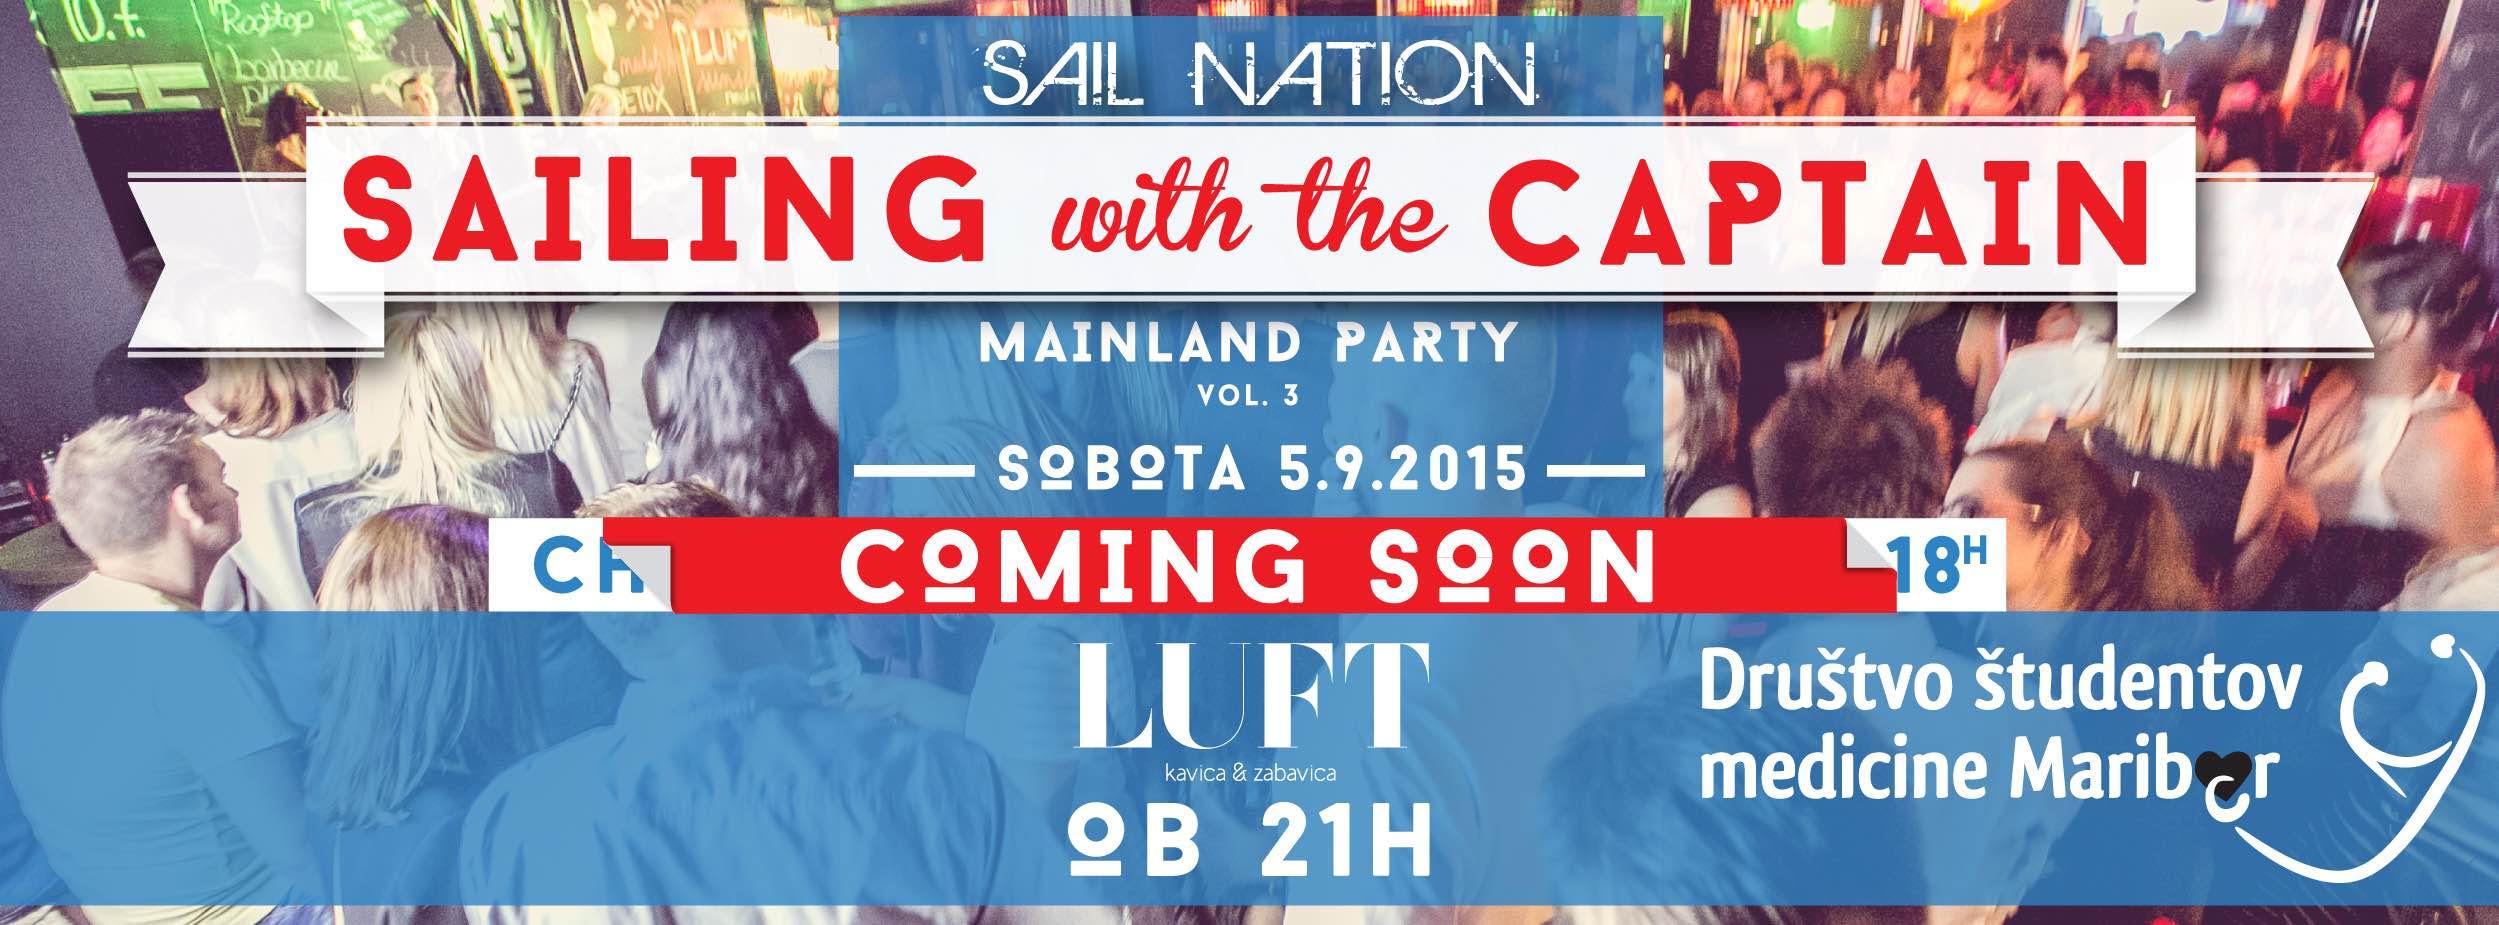 SailNation zabava v LUFTu